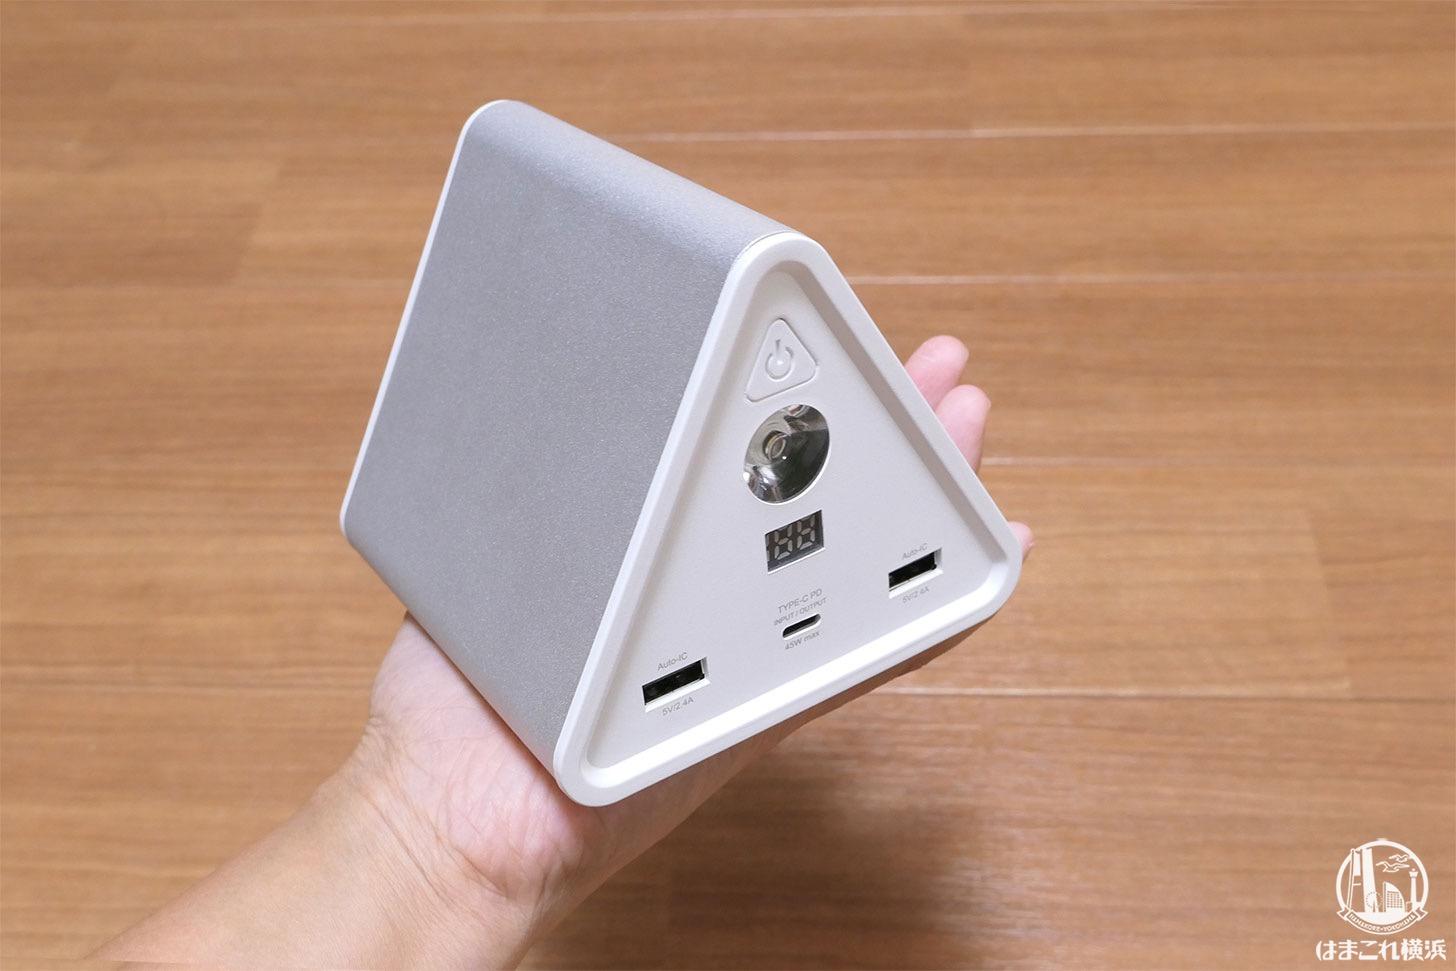 停電・災害対策に大容量バッテリー購入!コンパクトで場所取らず安心感も爆増